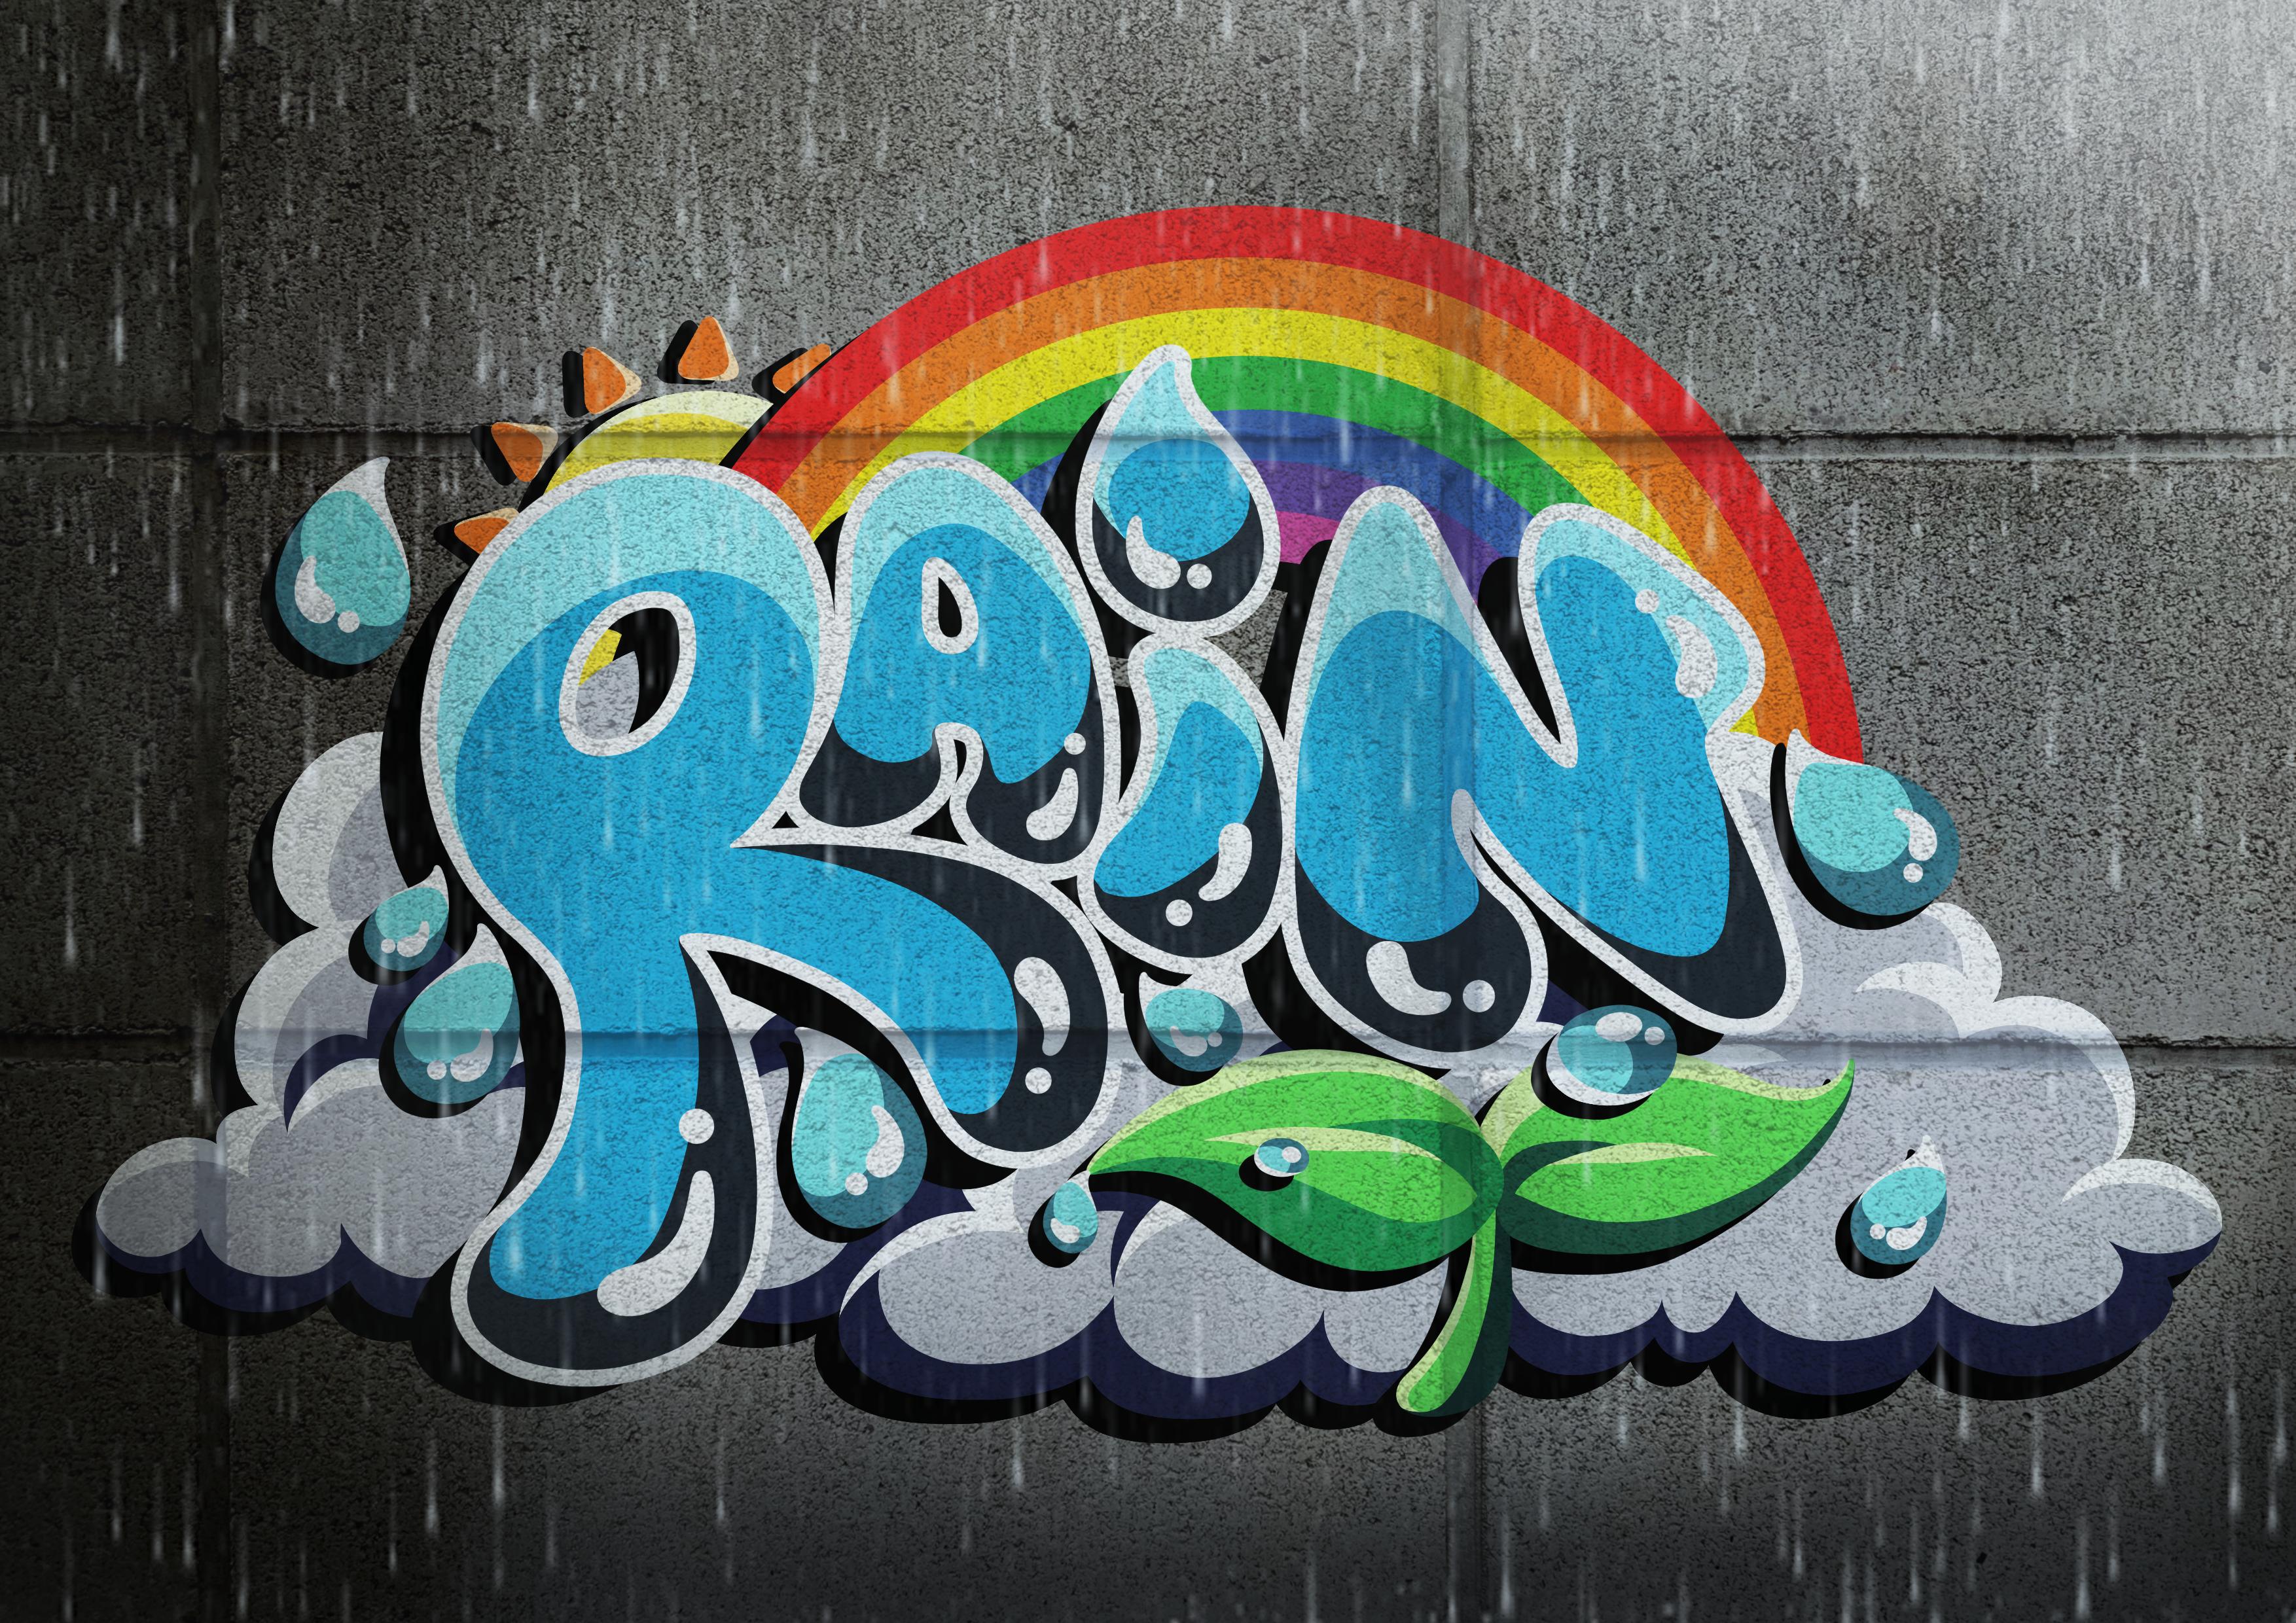 RainDay/Mungonfly